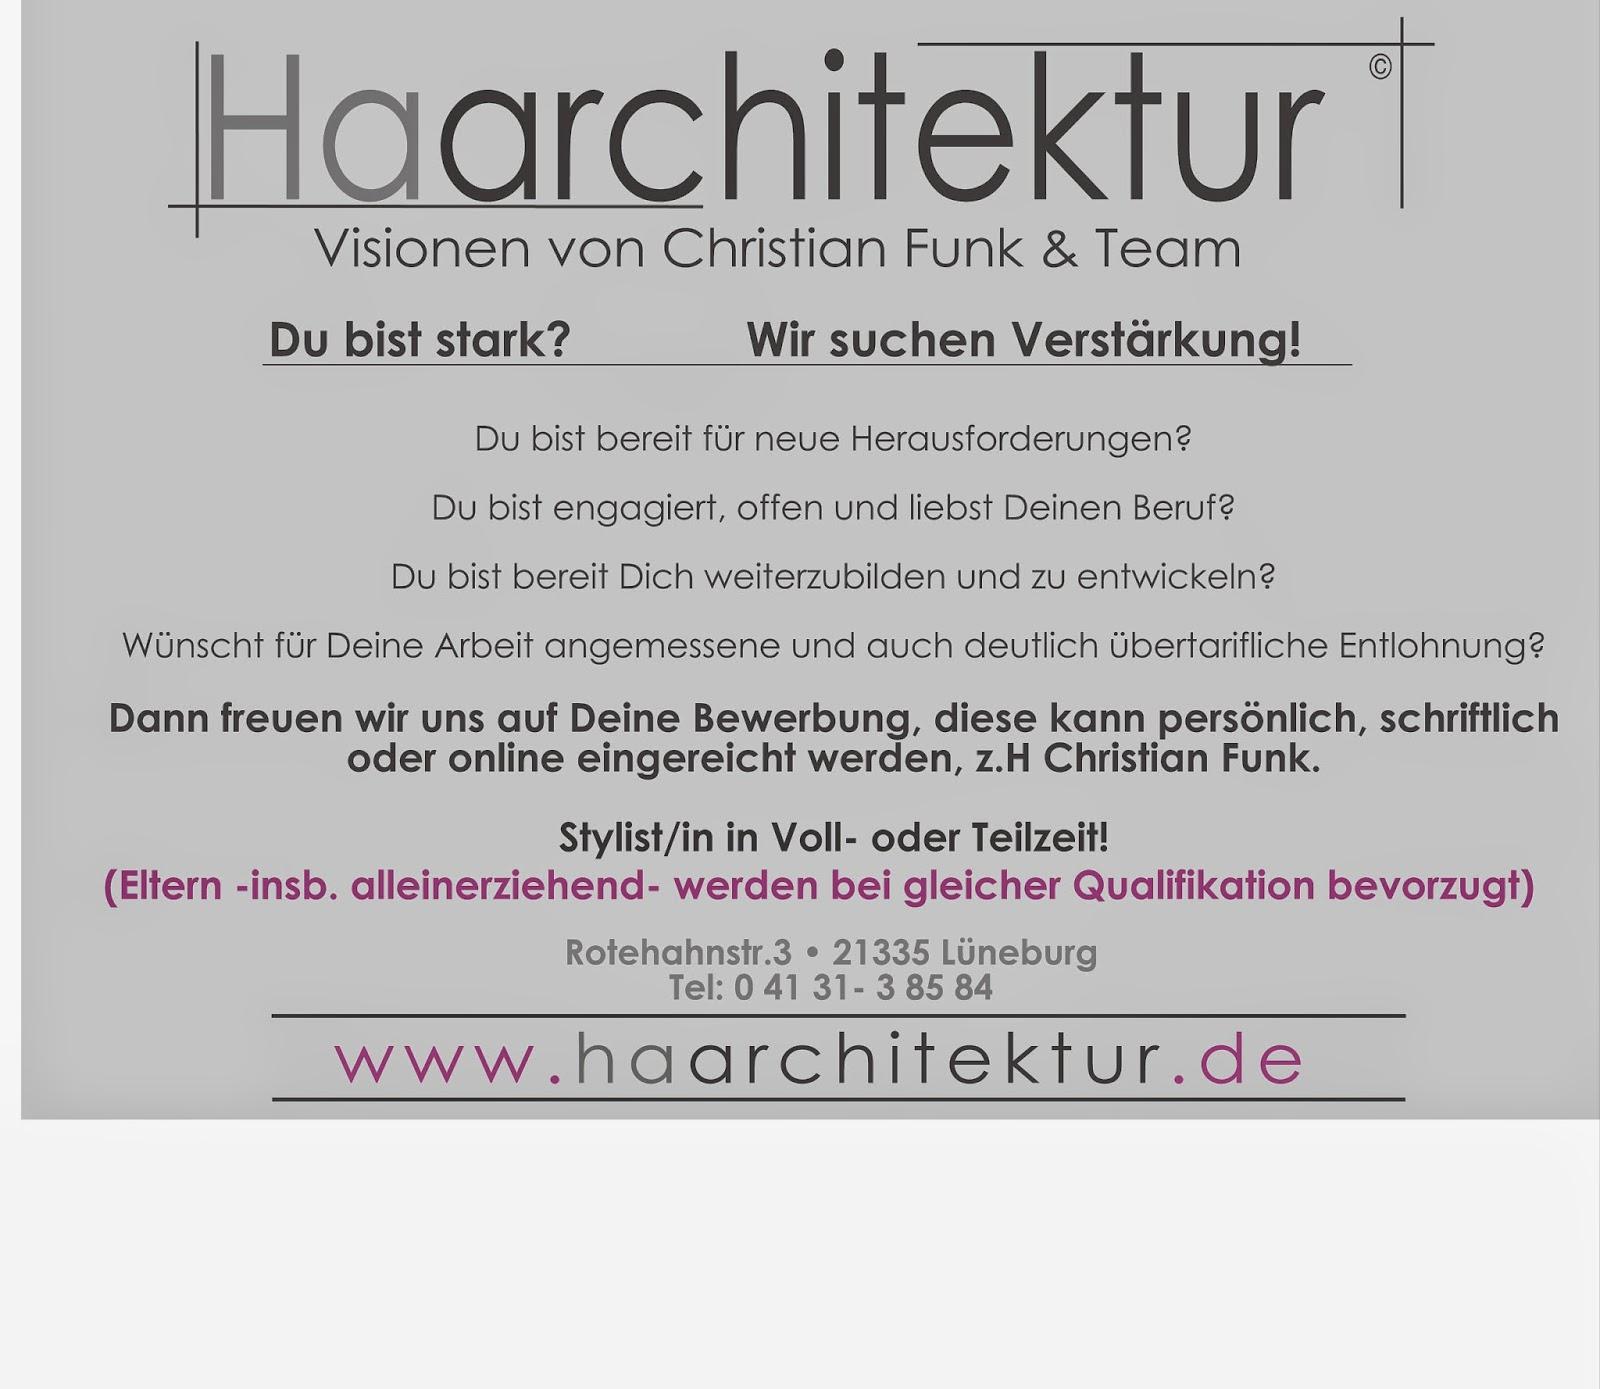 Haarchitektur-Lüneburg-Suche ist vergeblich, trotz Topkonditionen, Topsalon, Toppreisen und natürlich Topverdienst?